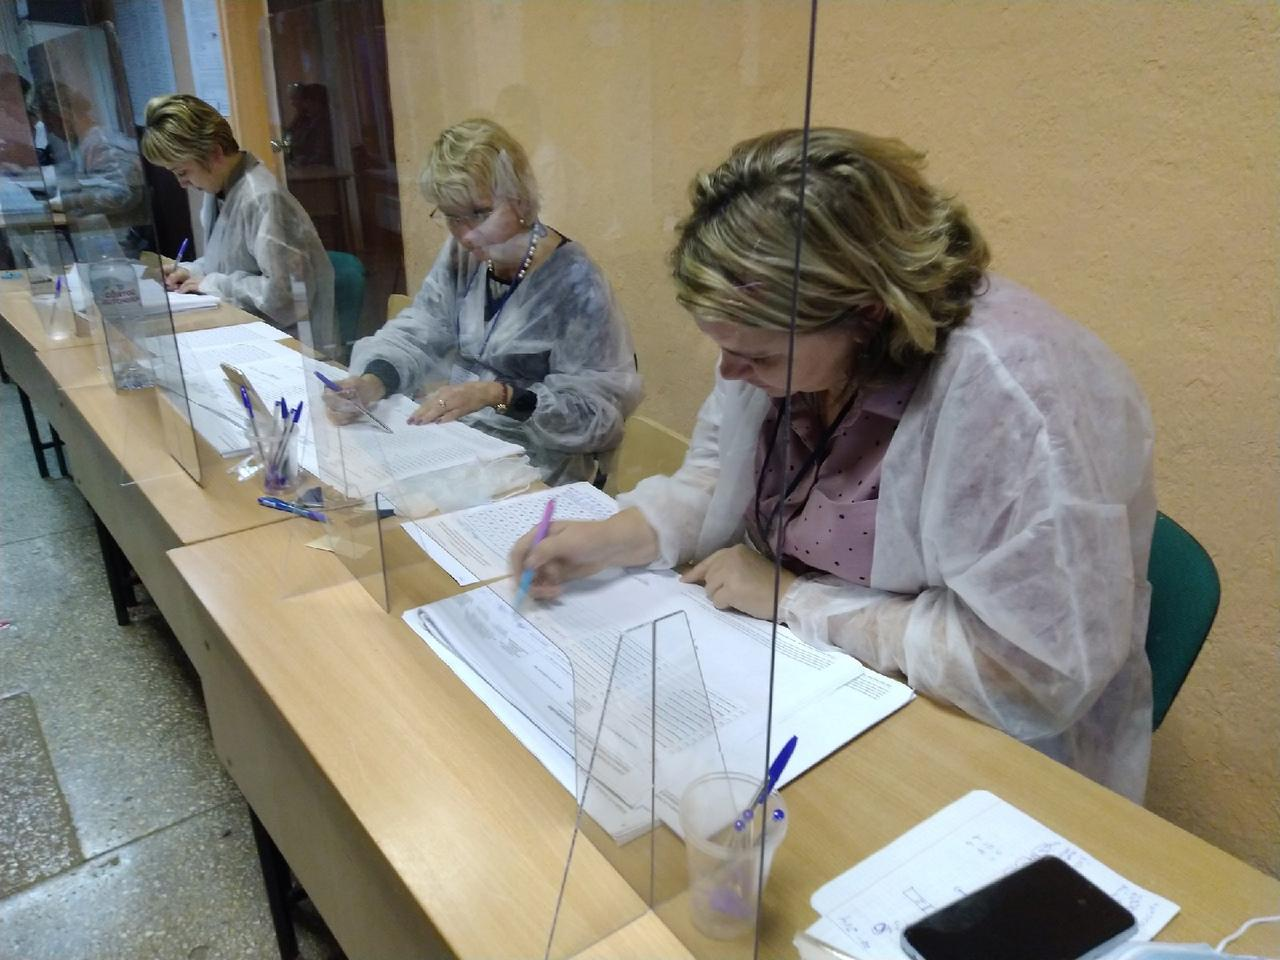 Фото Выборы в Новосибирске: онлайн дня голосования за депутатов Госдумы 19 сентября 2021 года 7